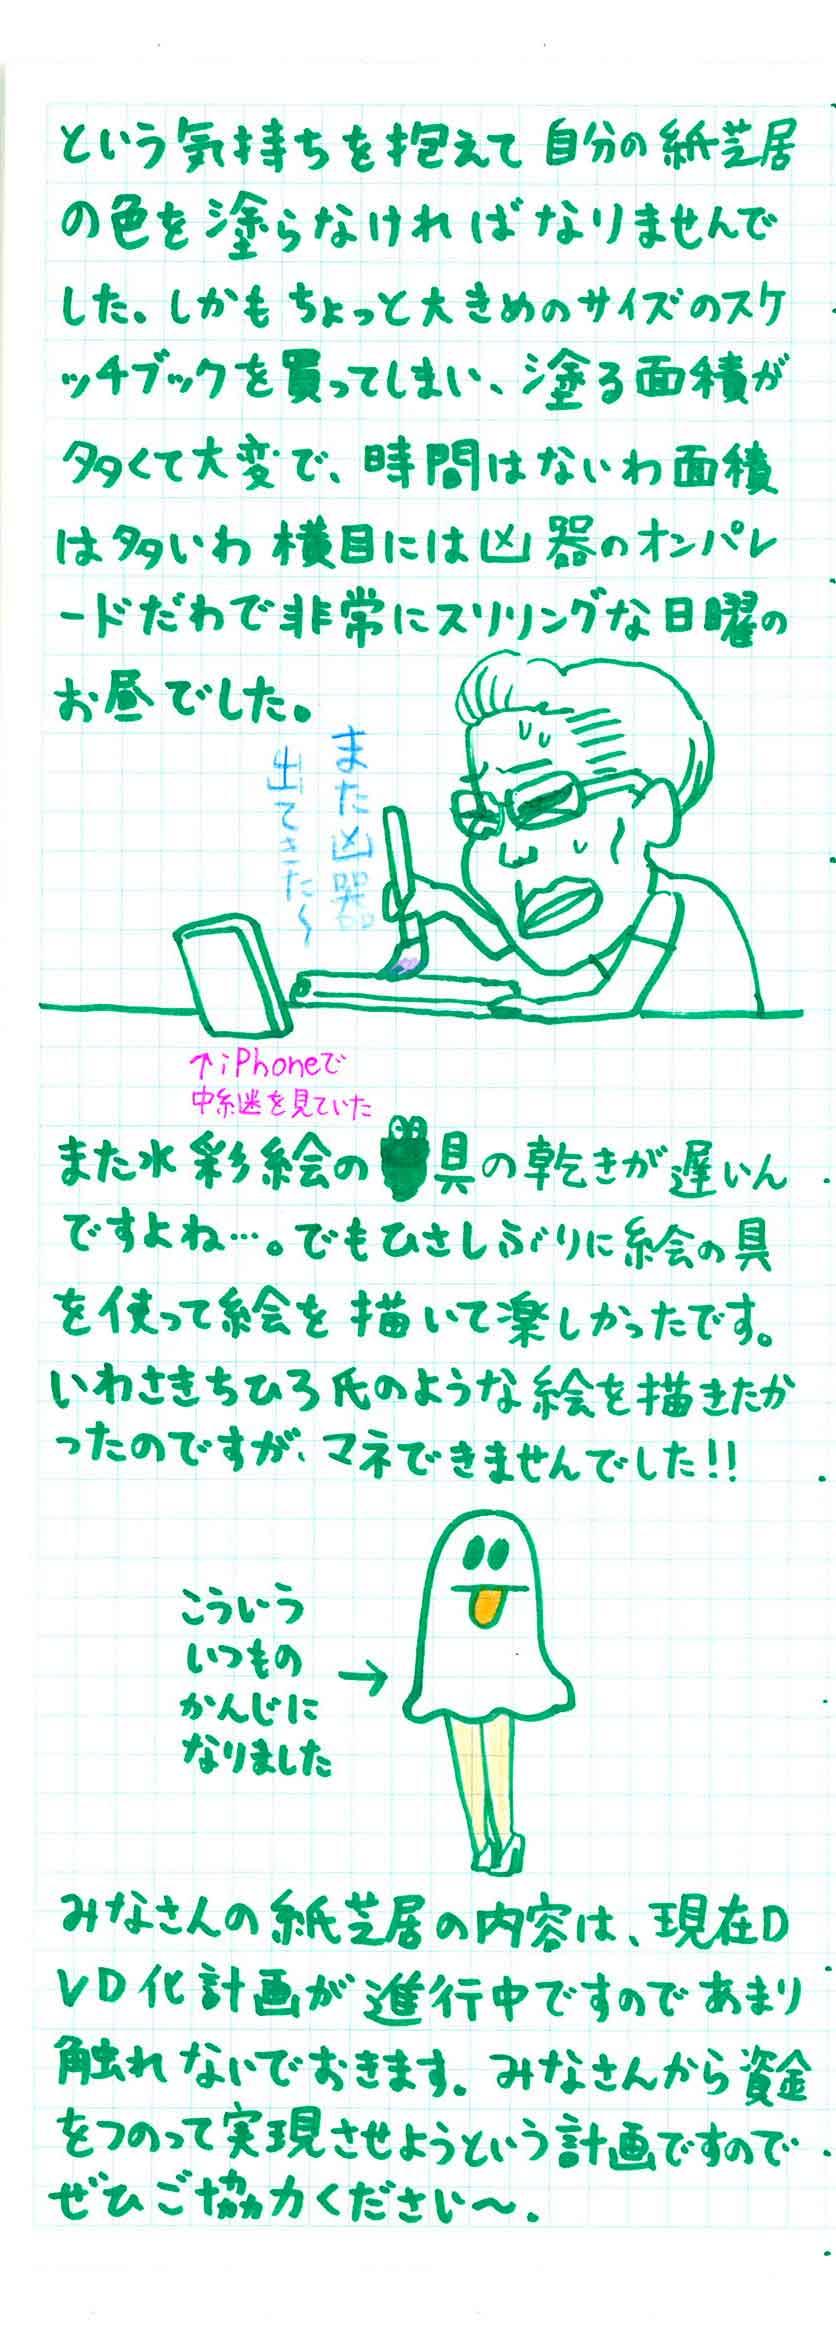 レポート : 8月12日無差別級紙芝居のフェス出演(2)_d0151007_0401887.jpg